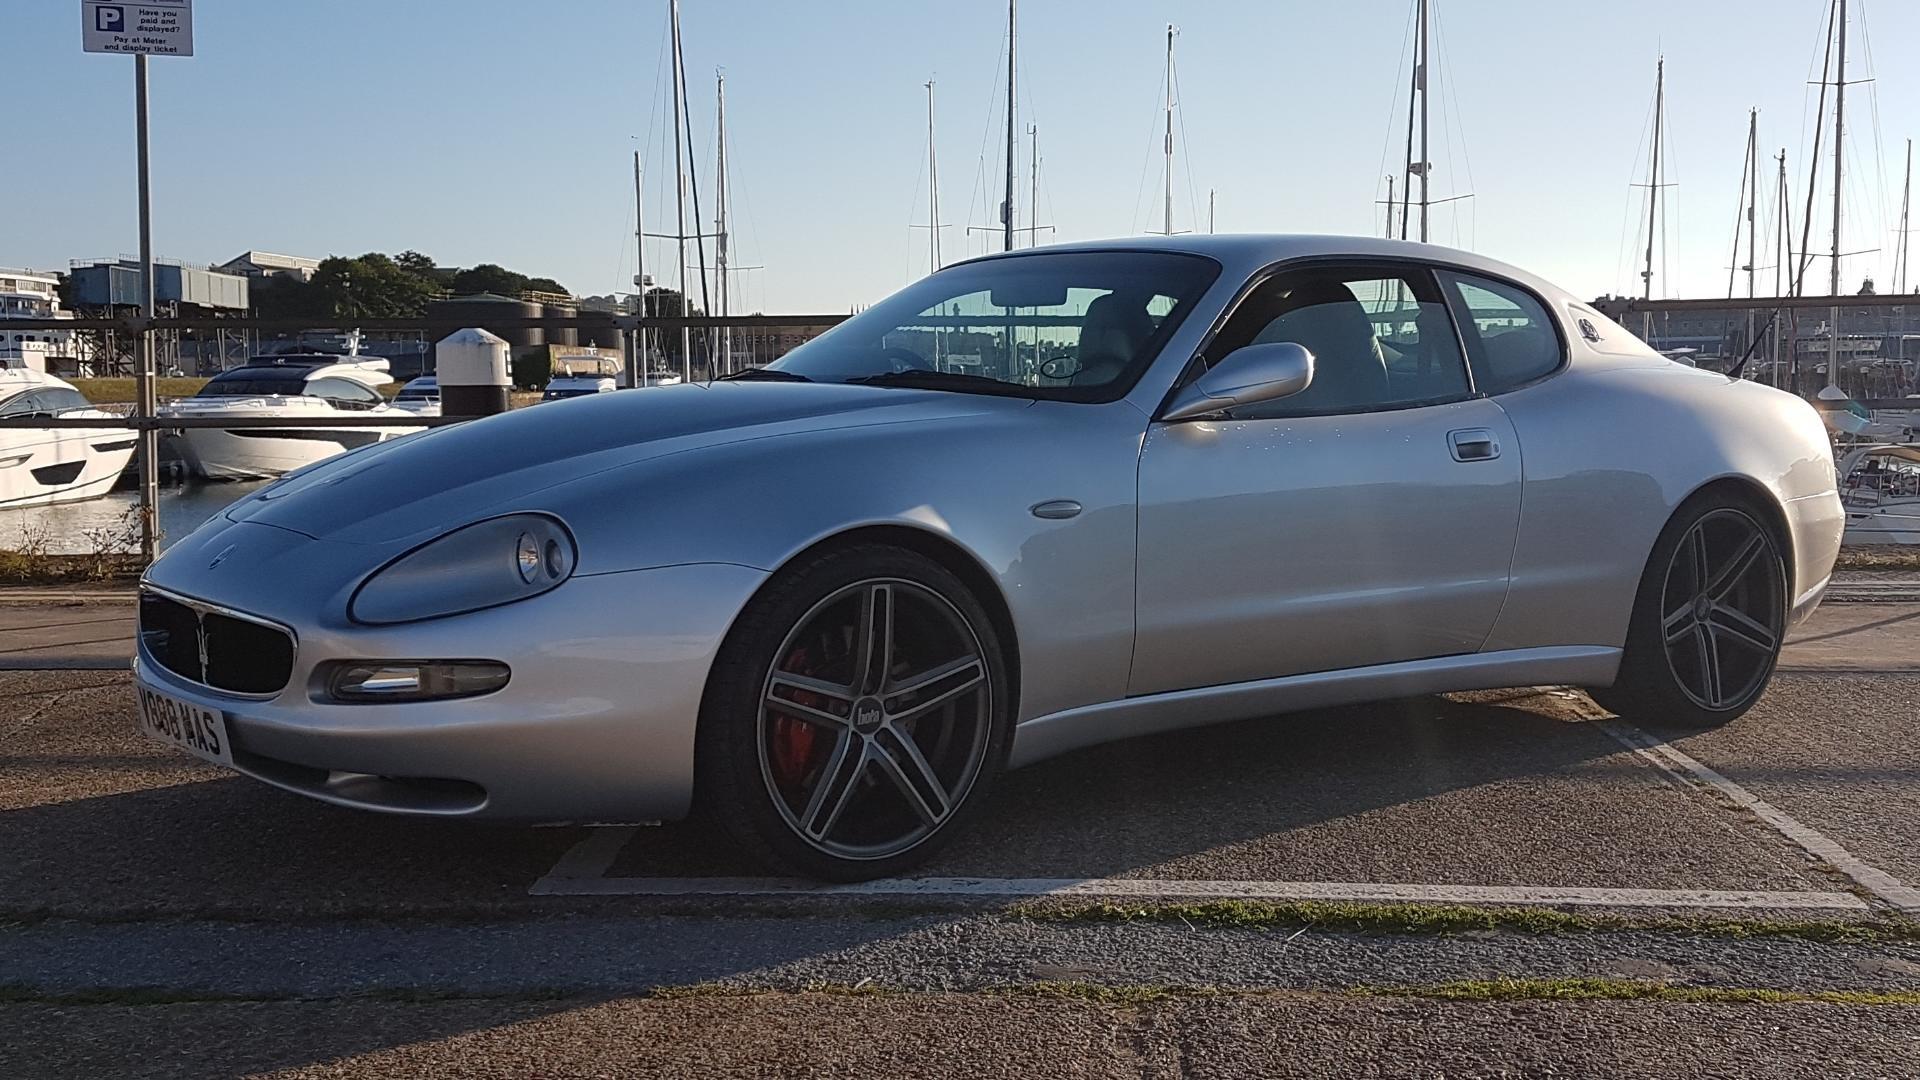 2002 Maserati 4200, Cambio, F1, Tubi, H-pipe For Sale (picture 1 of 5)